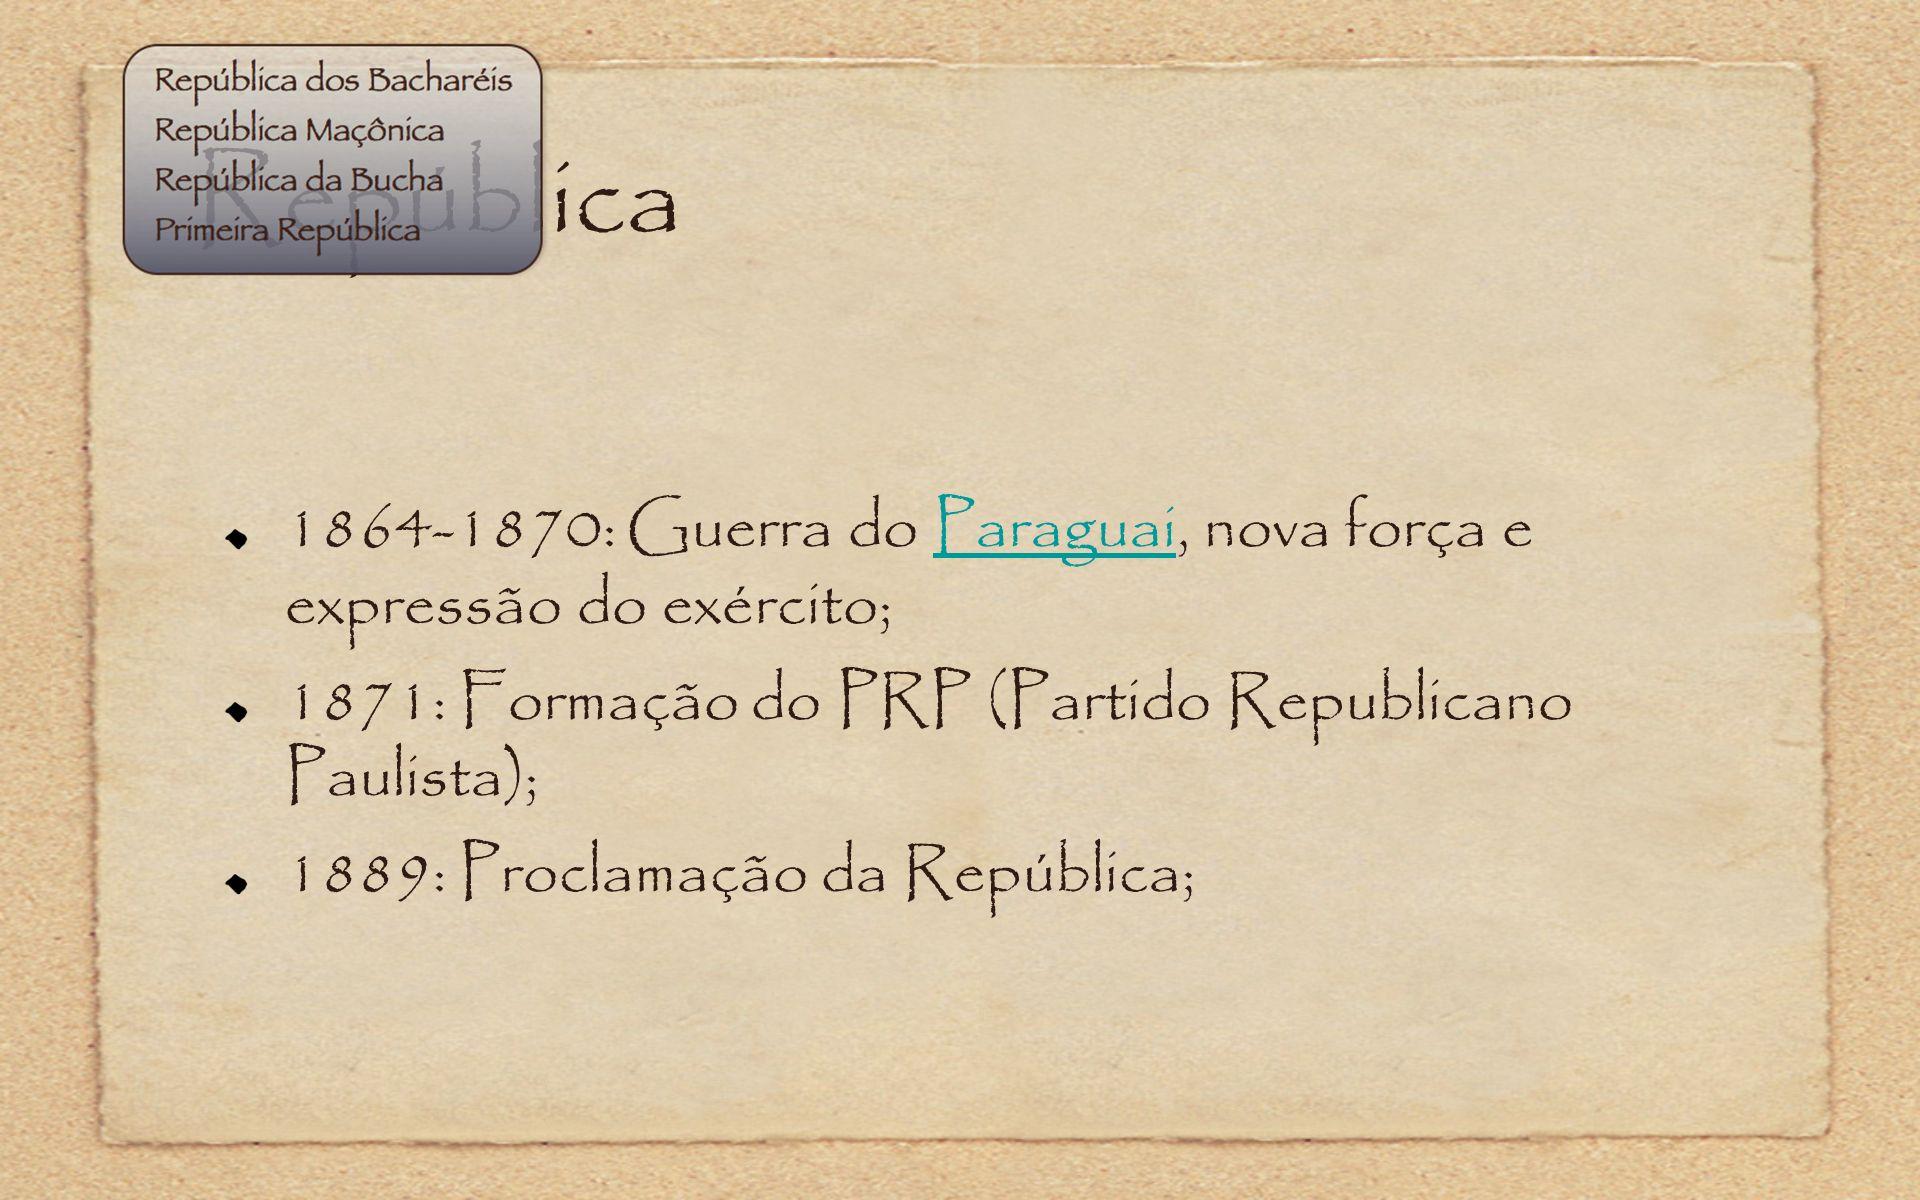 República1864-1870: Guerra do Paraguai, nova força e expressão do exército; 1871: Formação do PRP (Partido Republicano Paulista);